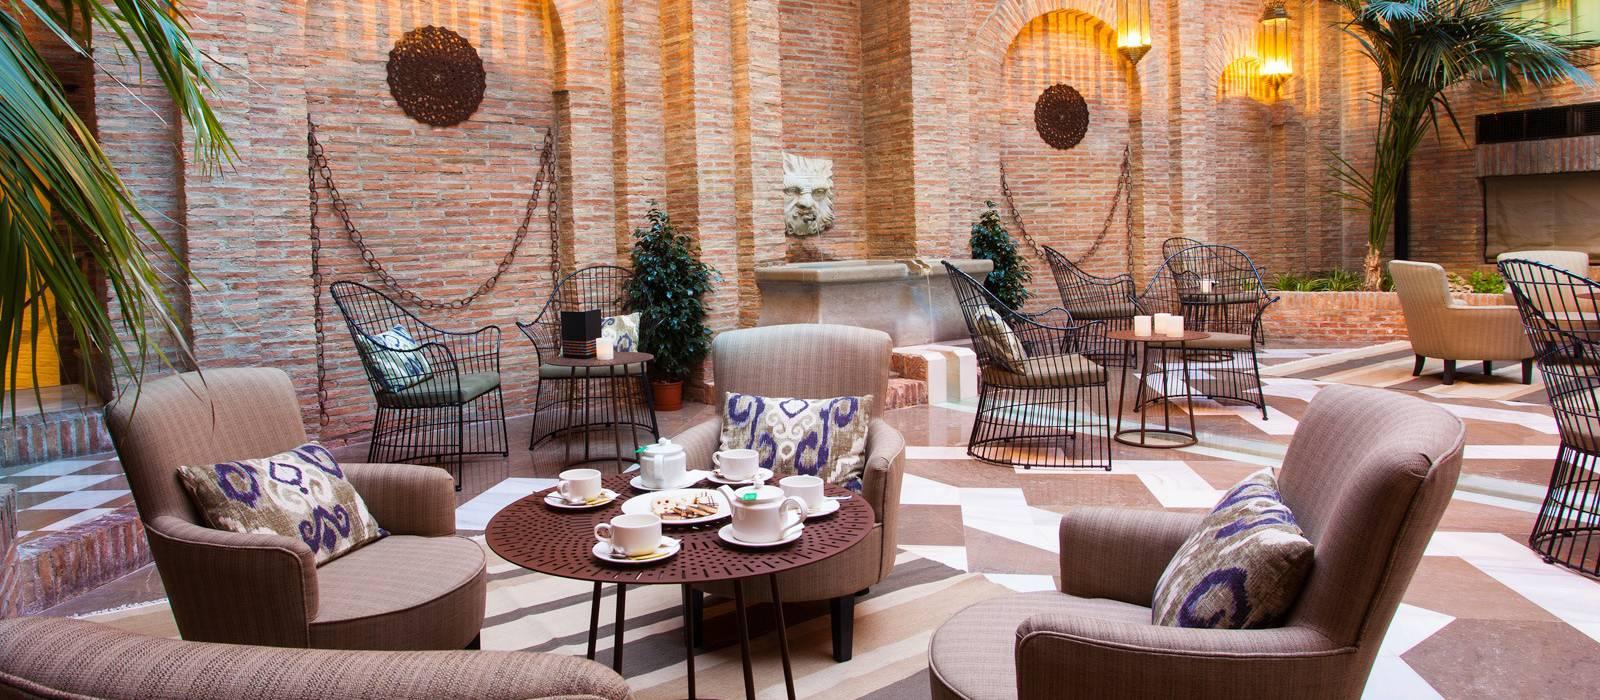 Offres Hôtel Grenade Albaicín - Vincci Hoteles